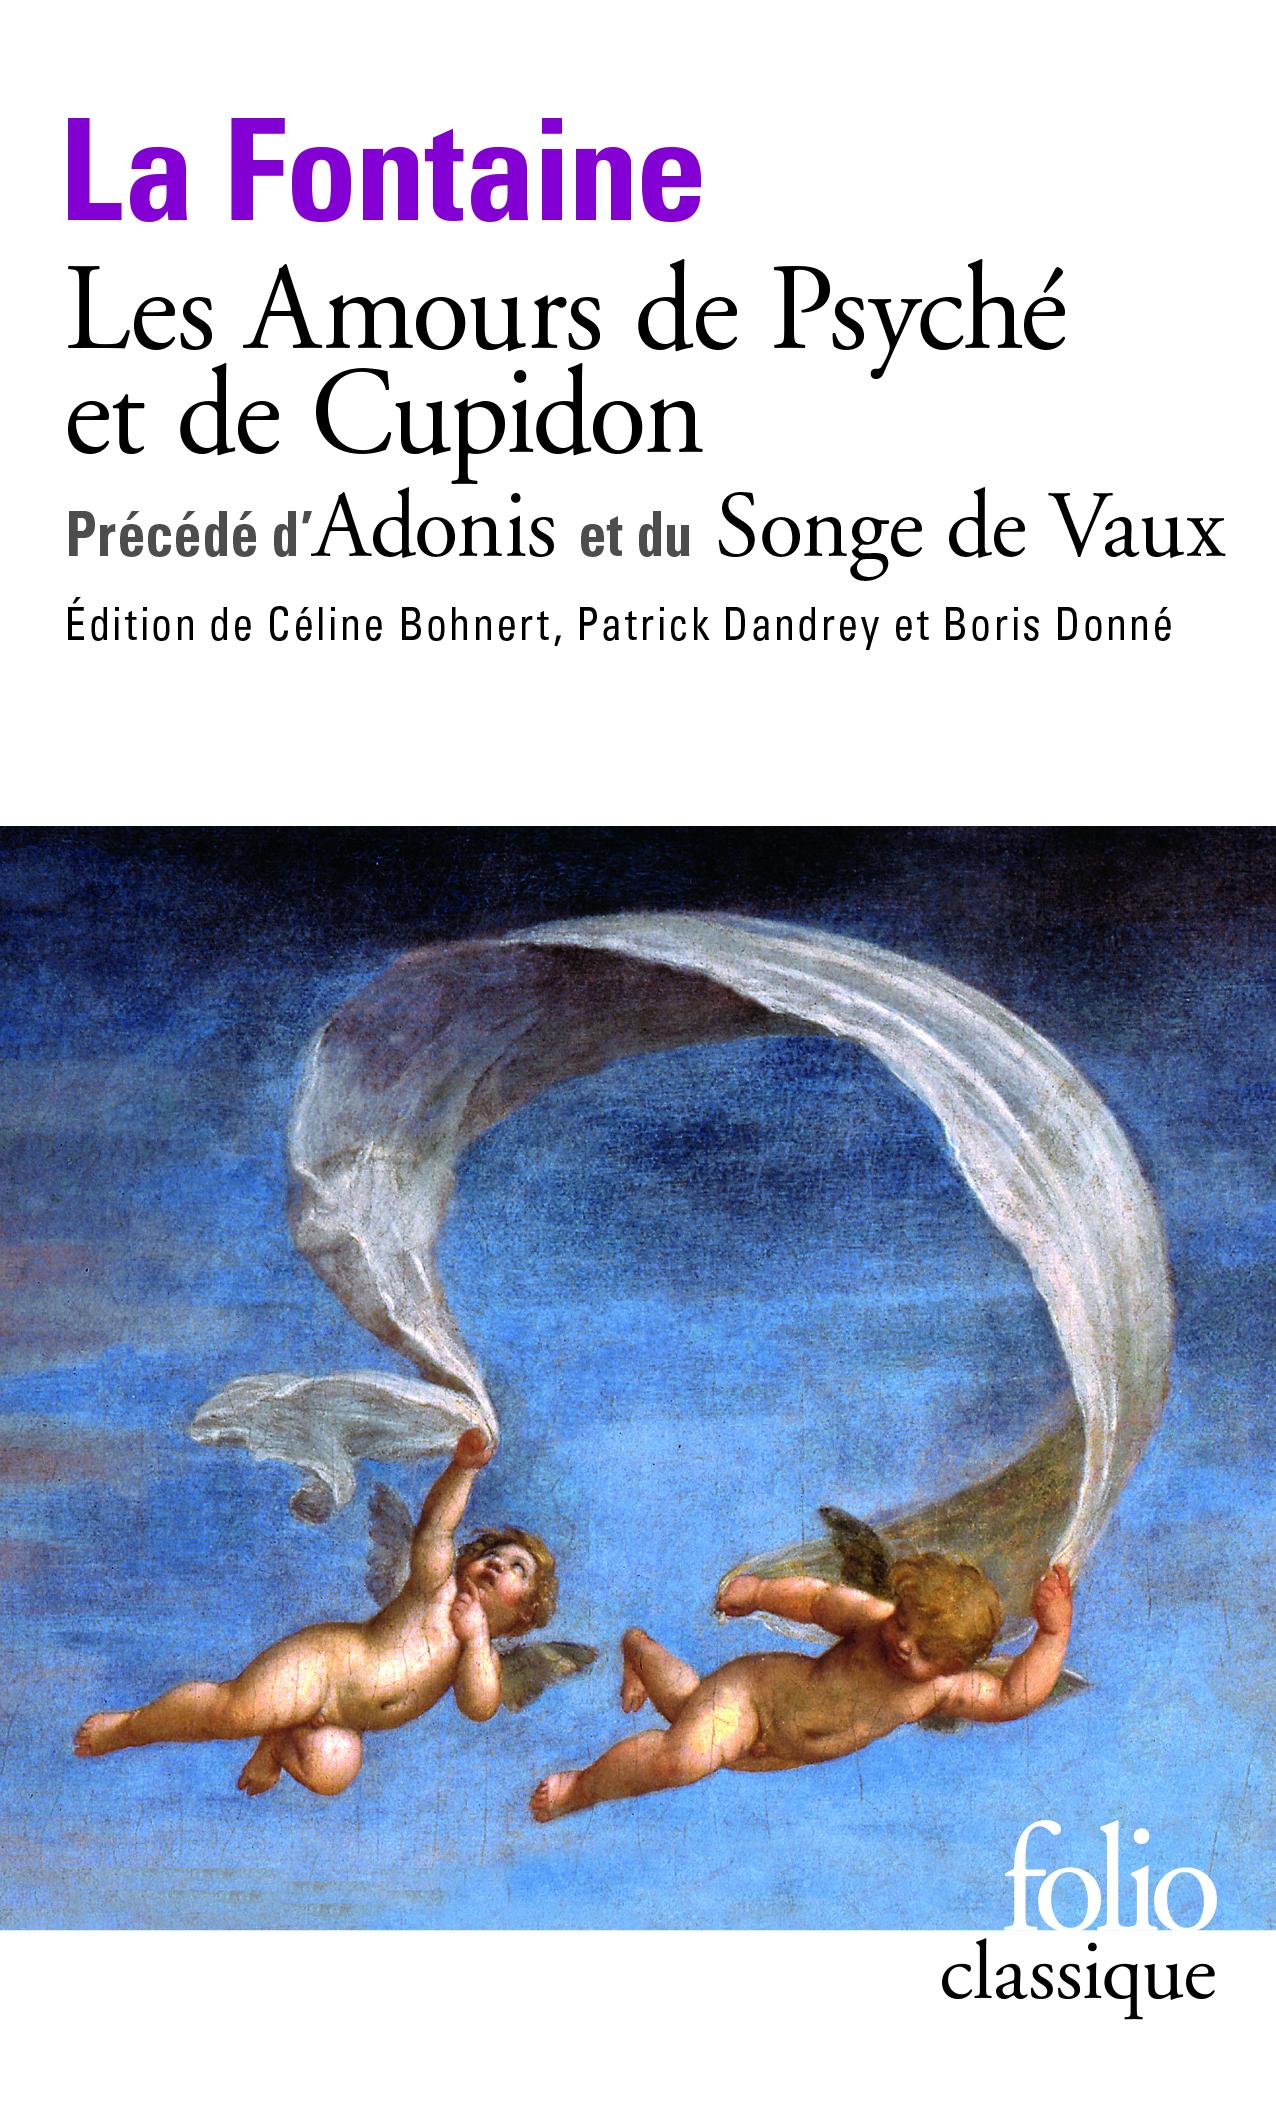 La Fontaine,Les Amours de Psyché et de Cupidonprécédé d'Adoniset deLe Songe de Vaux(Folio Classiques)